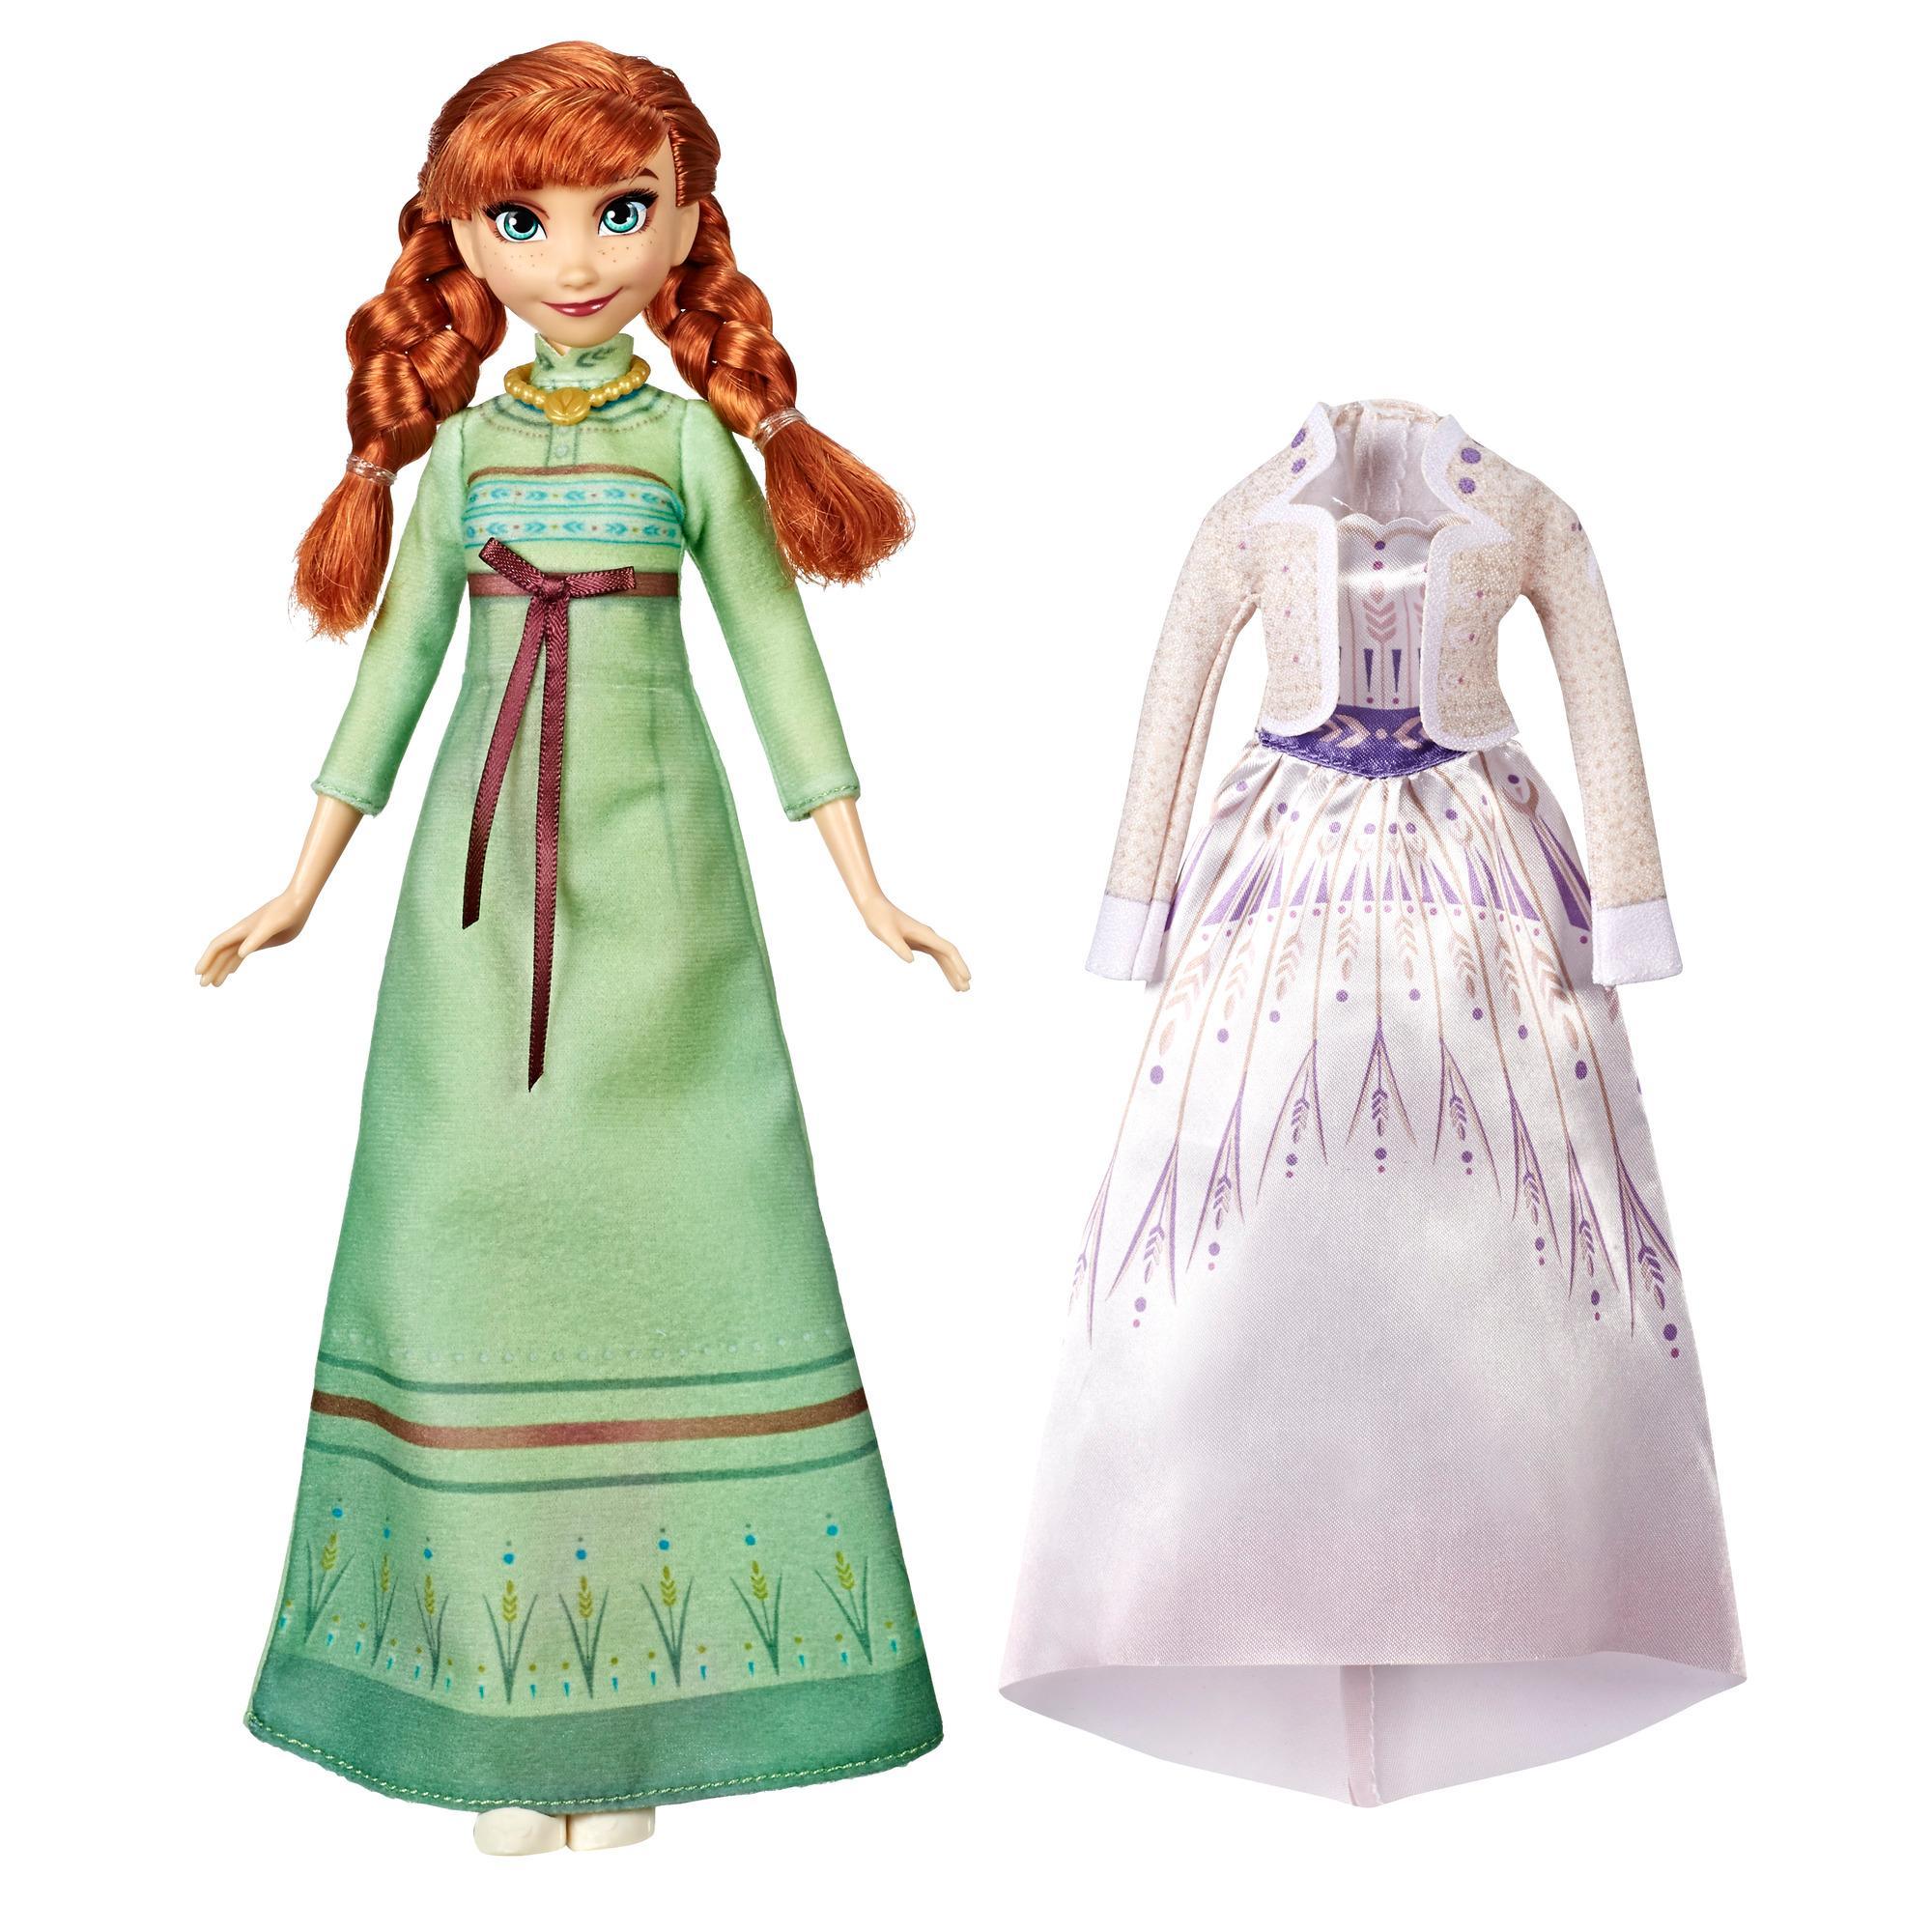 Fashion doll Anna Arendelle Fashions dal film Frozen di Disney con 2 completi, camicia da notte verde e abito bianco ispirato al film Frozen 2 - Giocattolo per bambini dai 3 anni in su